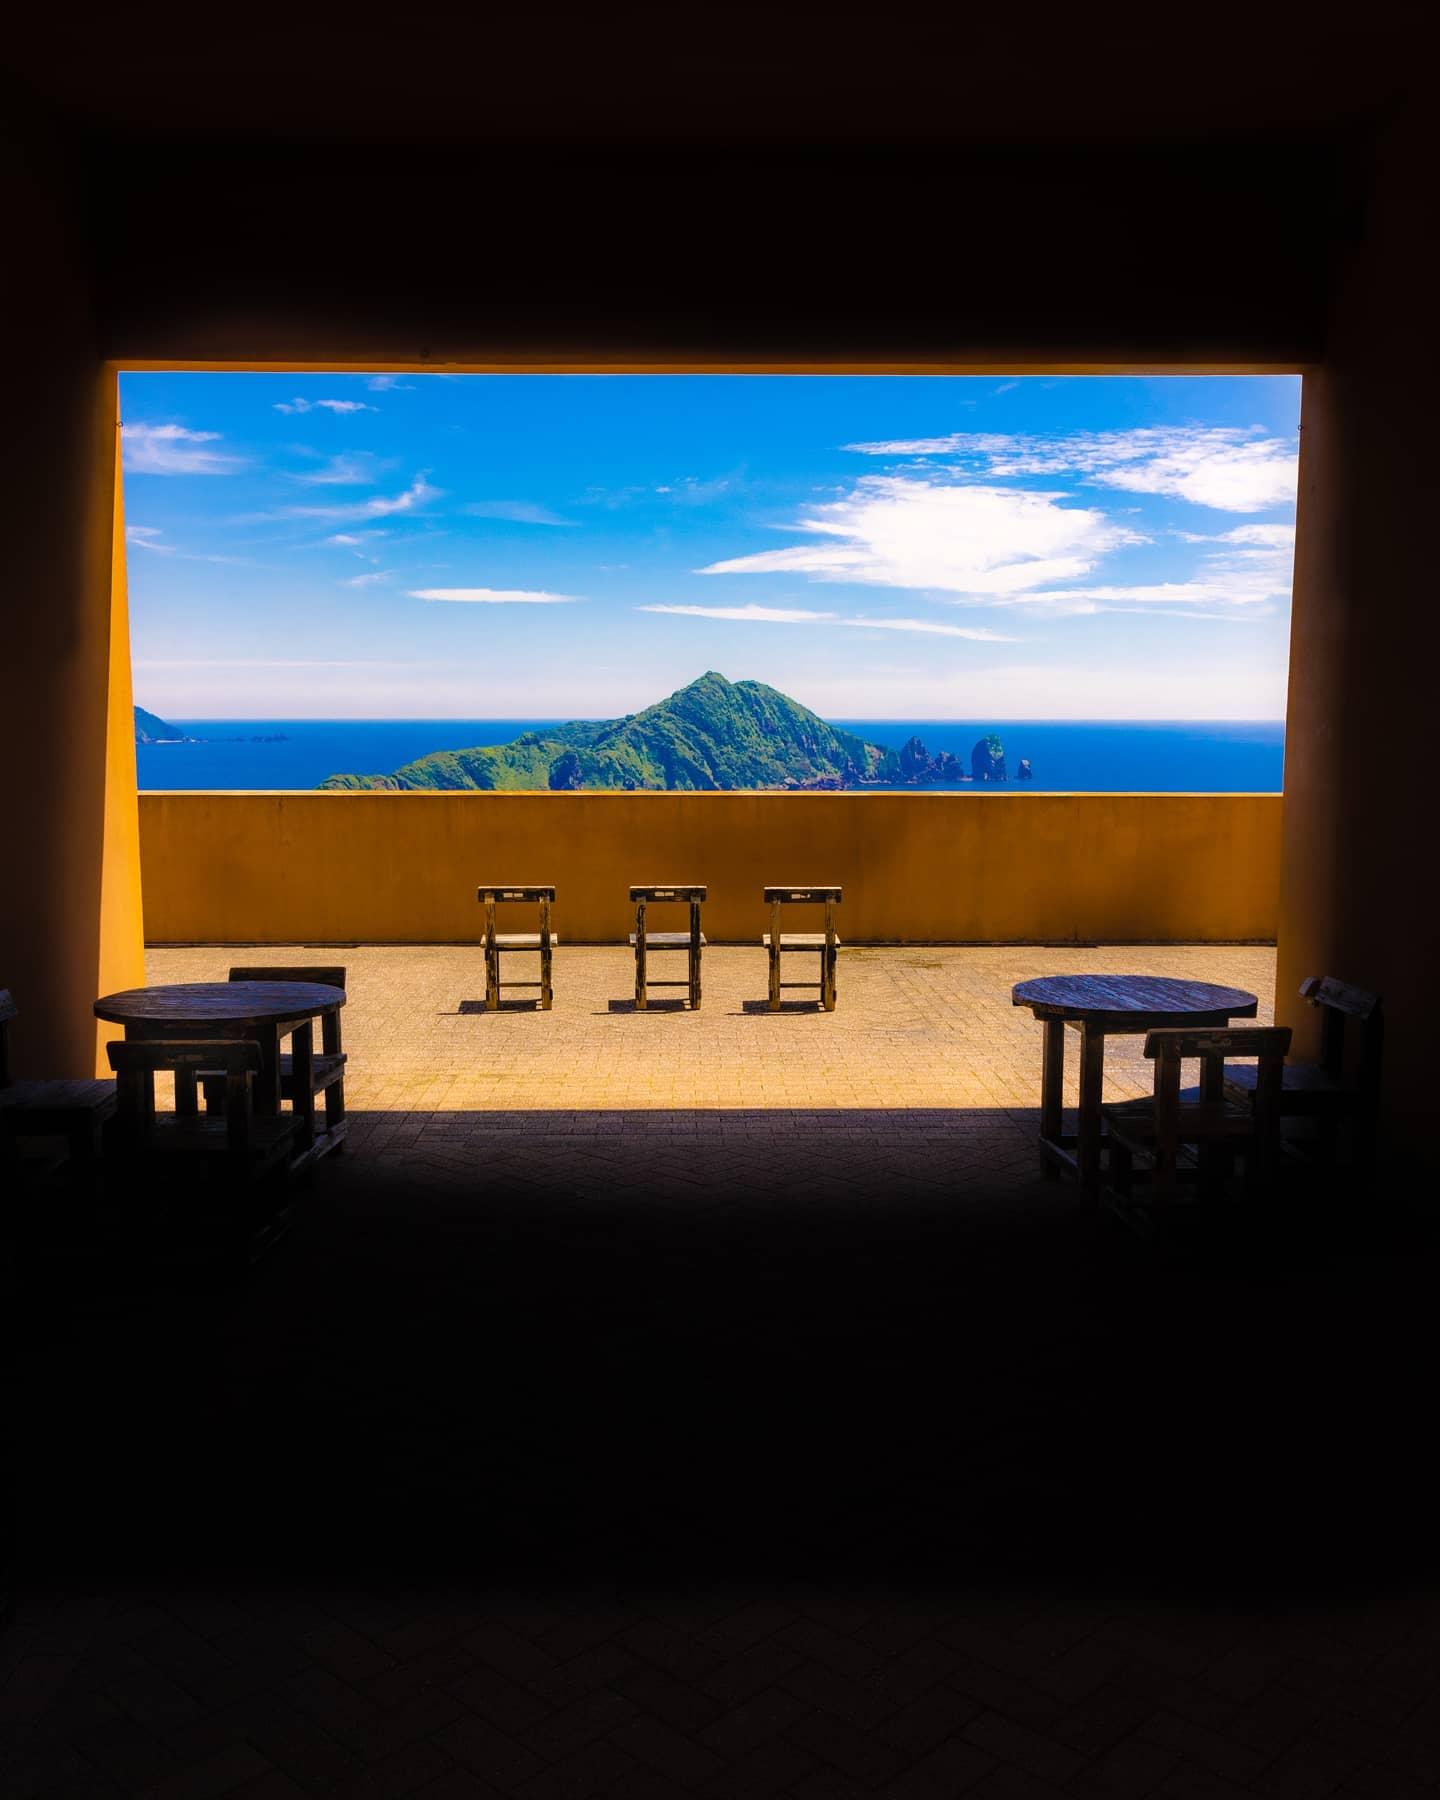 笠沙美術館から望むビロウ島。 南さつま市笠沙町にある笠沙美術館、別名「黒瀬展望ミュージアム」。 絶壁に立つ美術館の目前には東シナ海が広がり、テラスから望むビロウ島(沖秋目島)の風景は、まさに絶景です エントランスからテラスを眺めると、絵画のように風景が切りとられ、建築コンセプトの素晴らしさに感動しました。。。 最高にエモい美術館、南さつま市の宝物だと思います